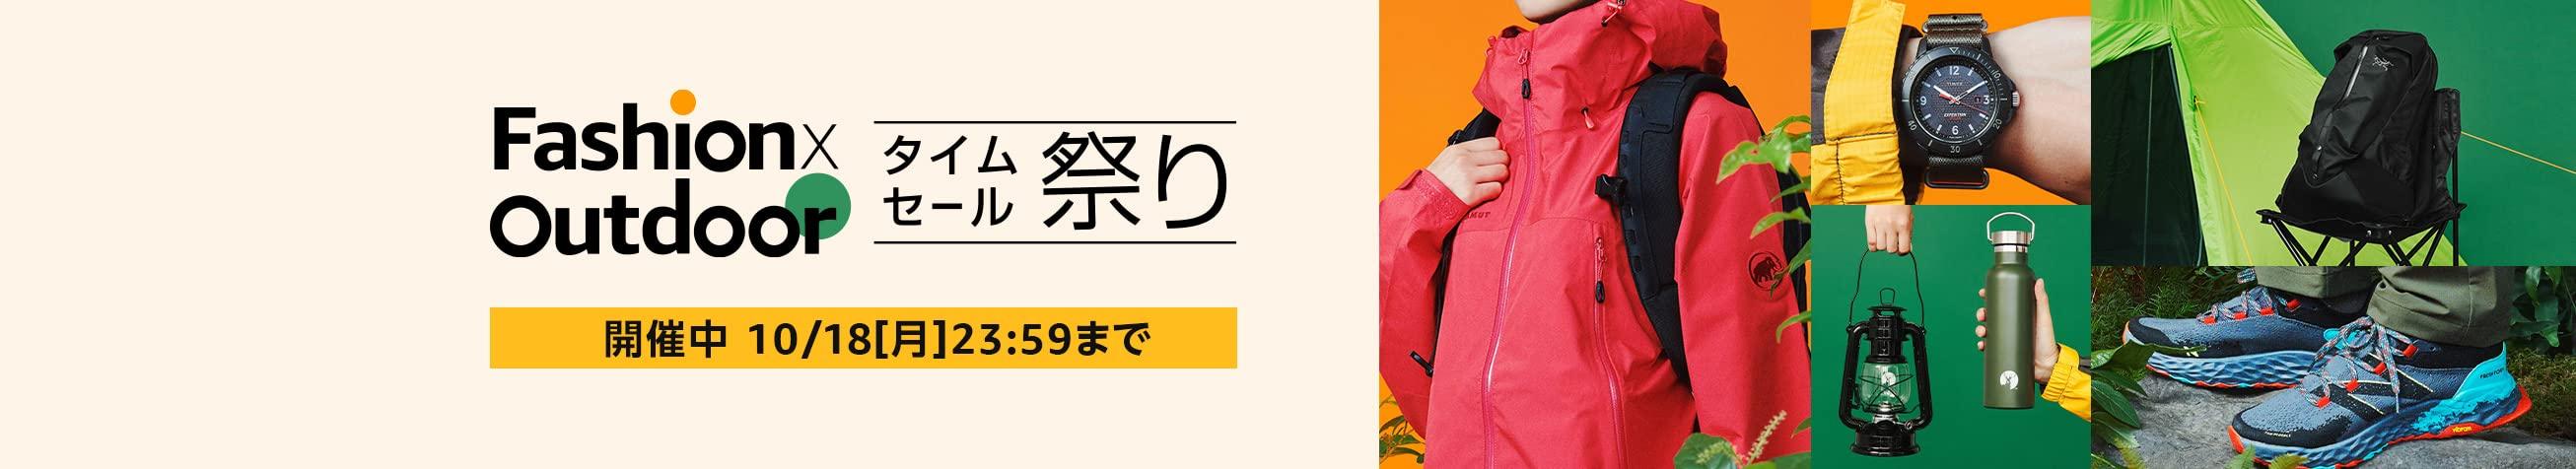 Fashion x Outdoorタイムセール祭り 開催中 10/18[月]23:59まで